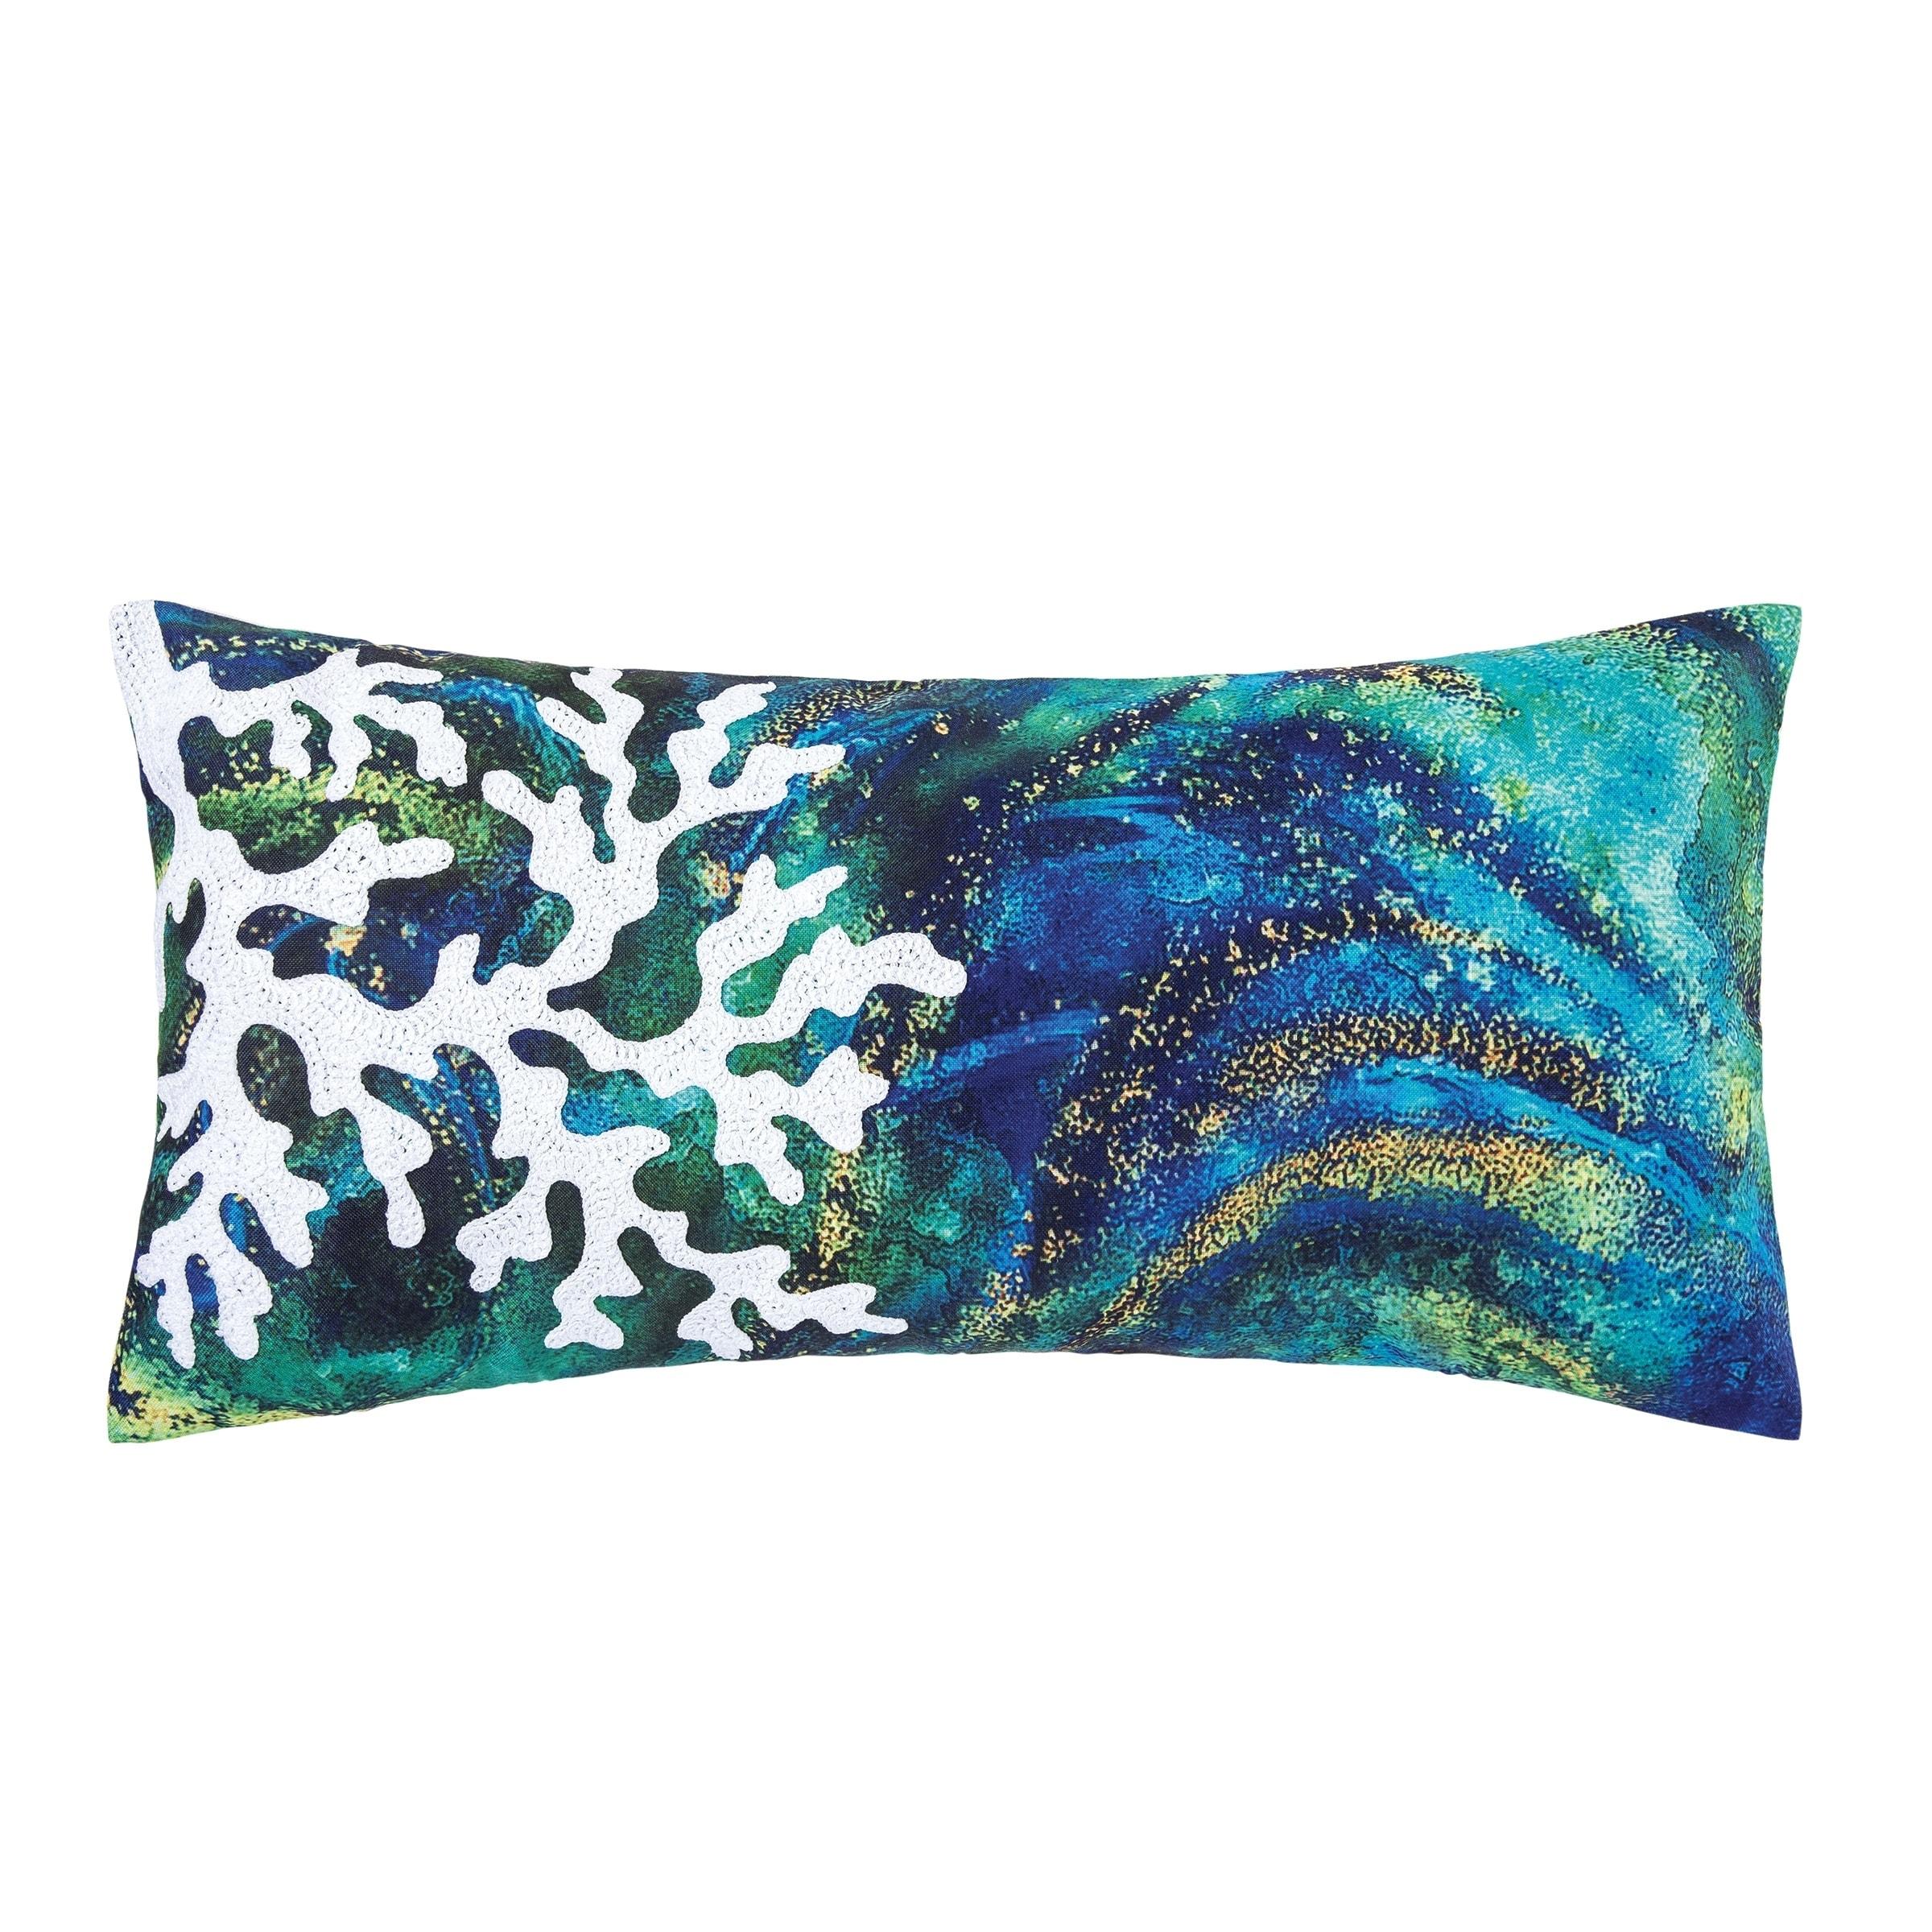 Aqua Coral 12 x 24 Pillow